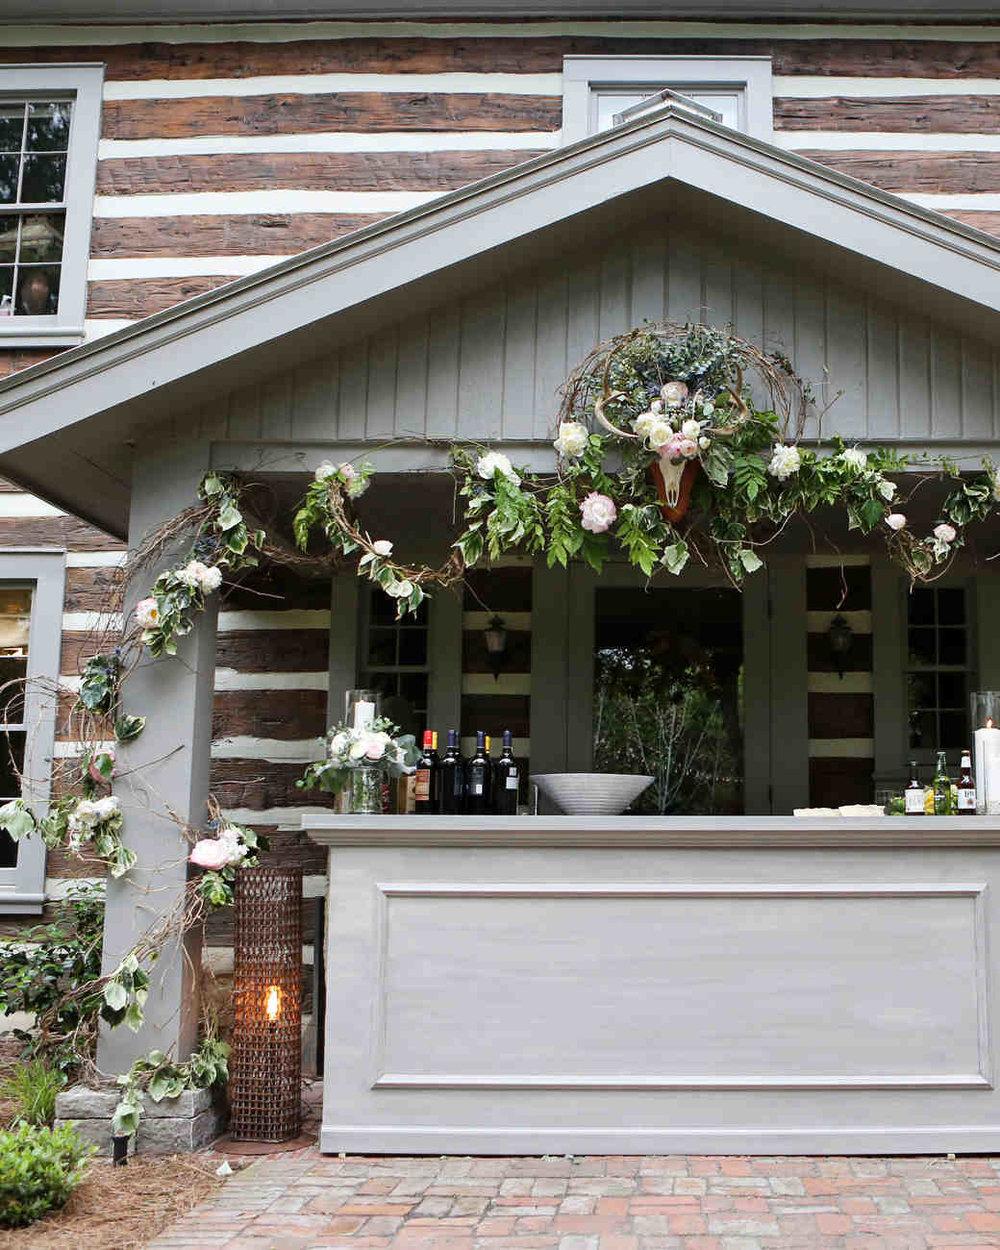 memree-rich-wedding-bar-474-6257086-0217_vert.jpg